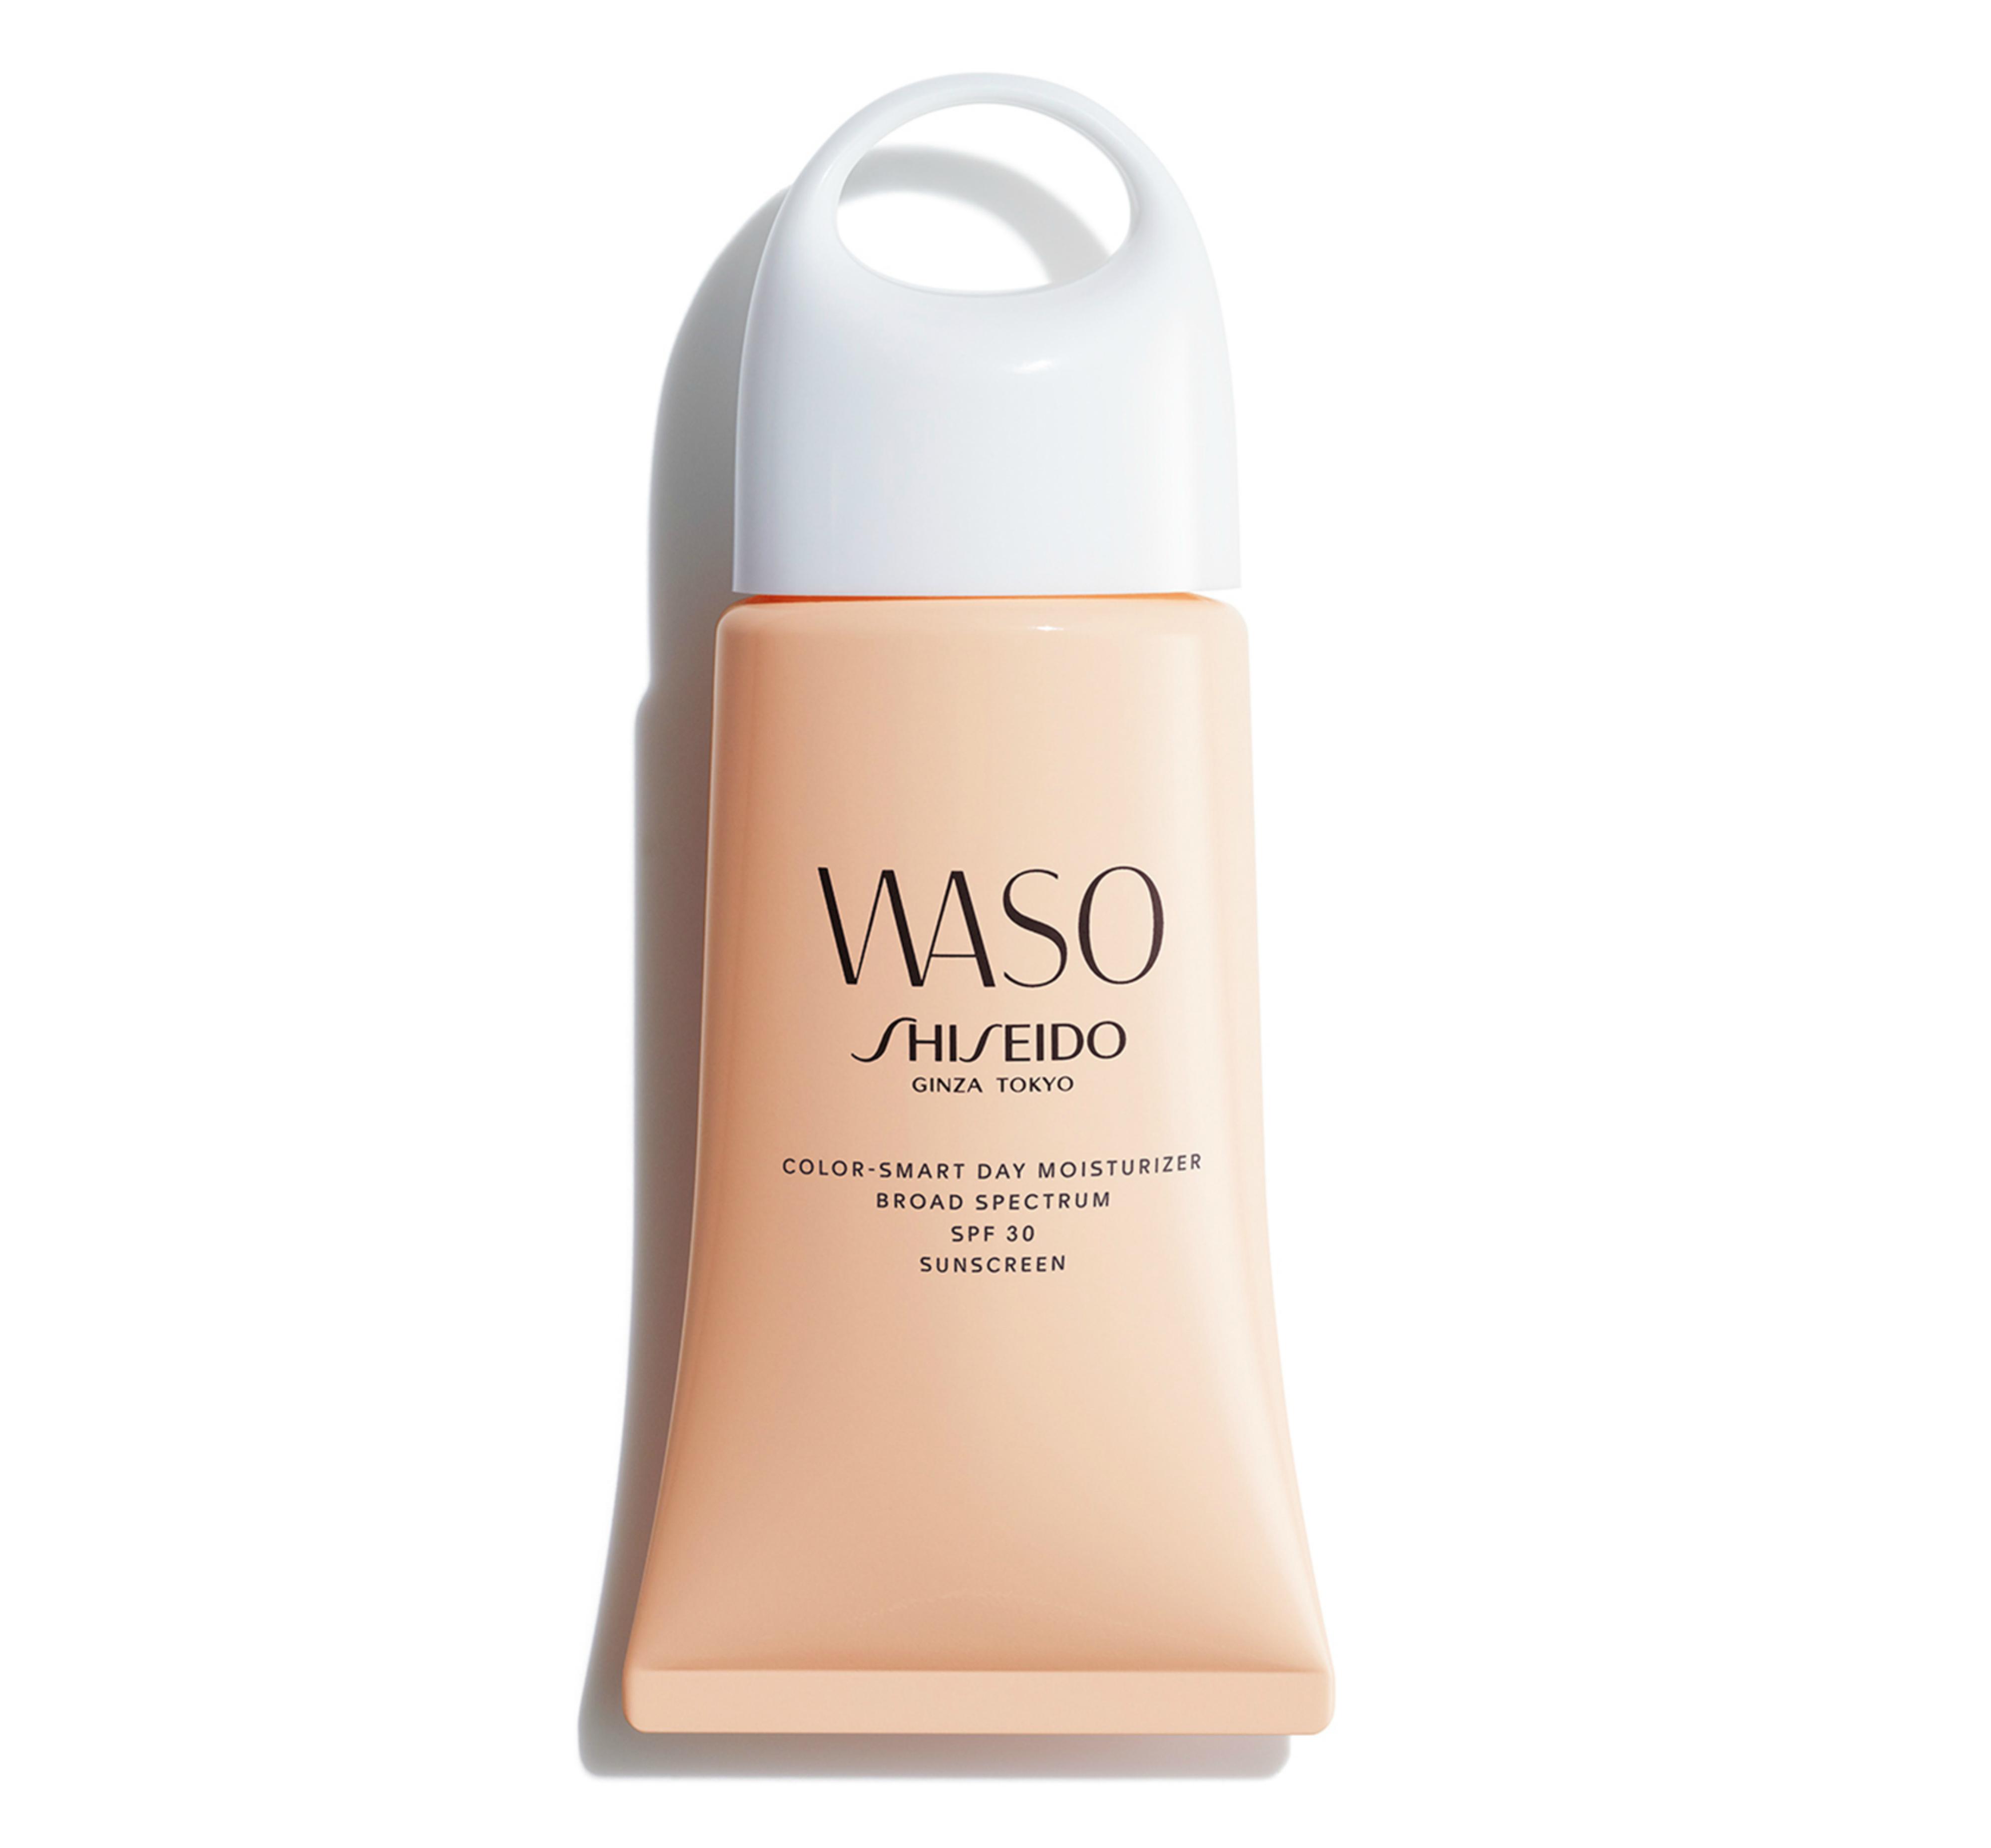 Cosmética joven: 7 productos clave - image shiseido-waso-vanidad on https://www.vanidad.es